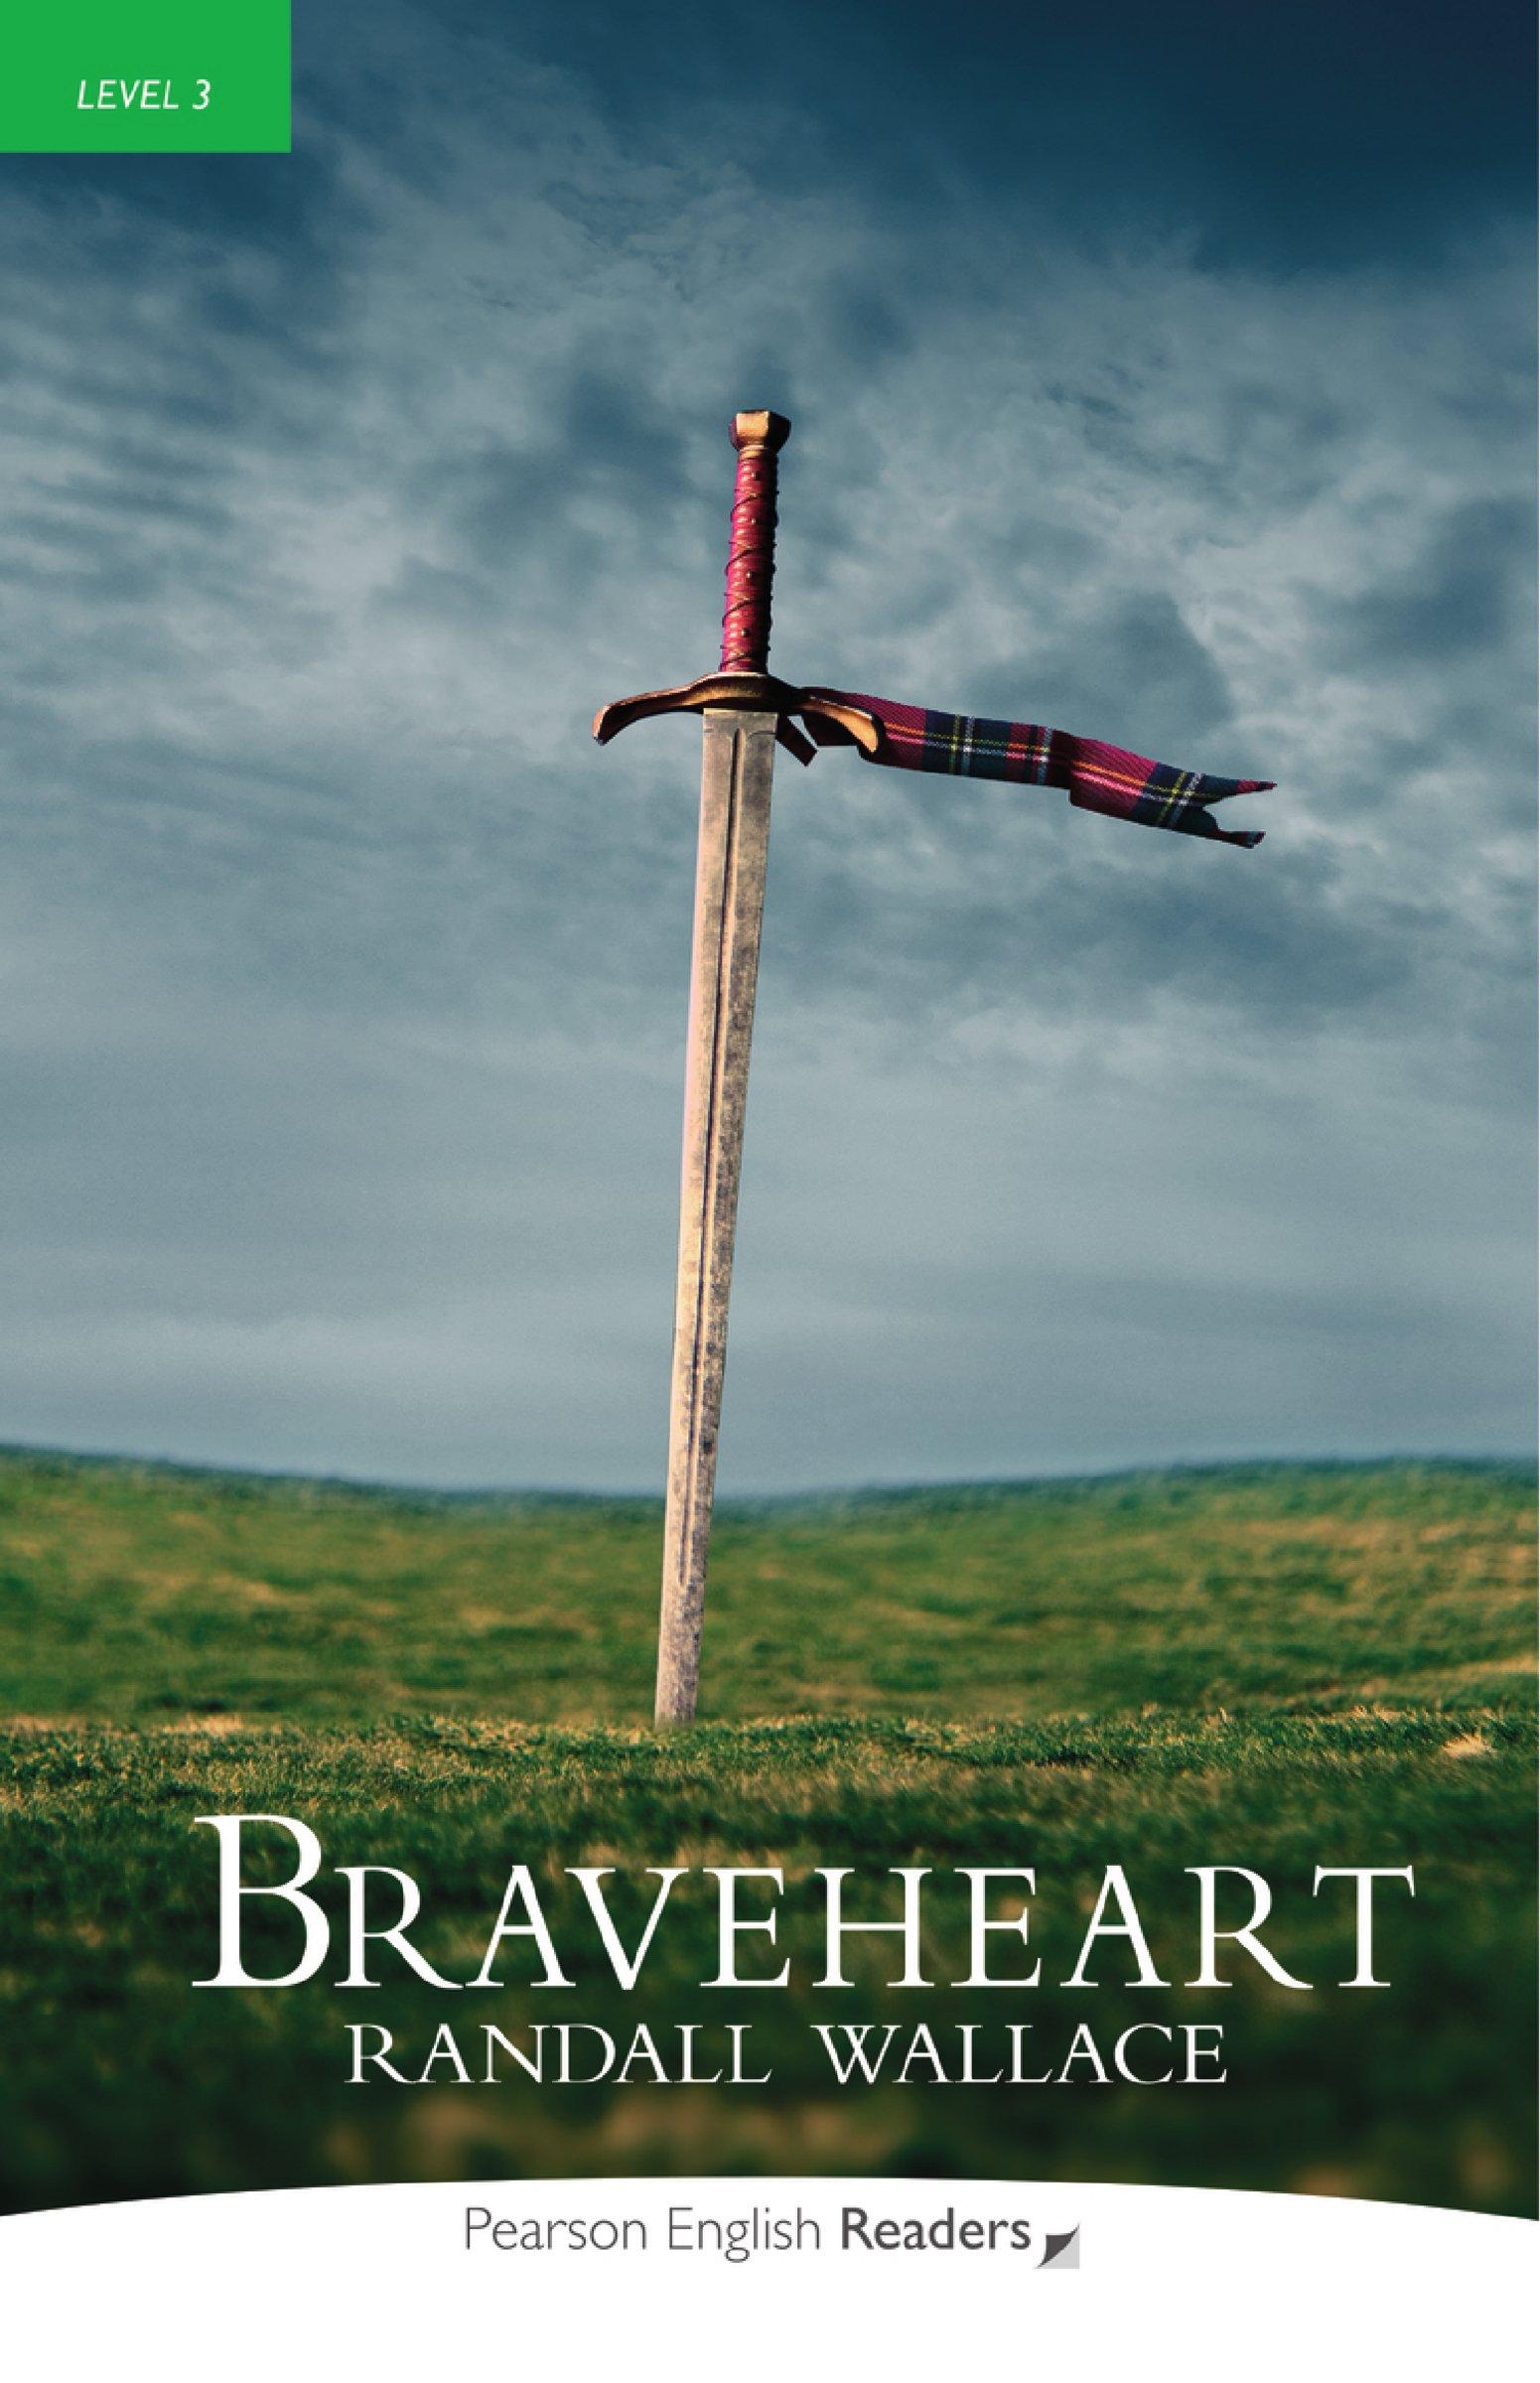 Braveheart - Leichte Englisch-Lektüre (A2) (Pearson Readers - Level 3)